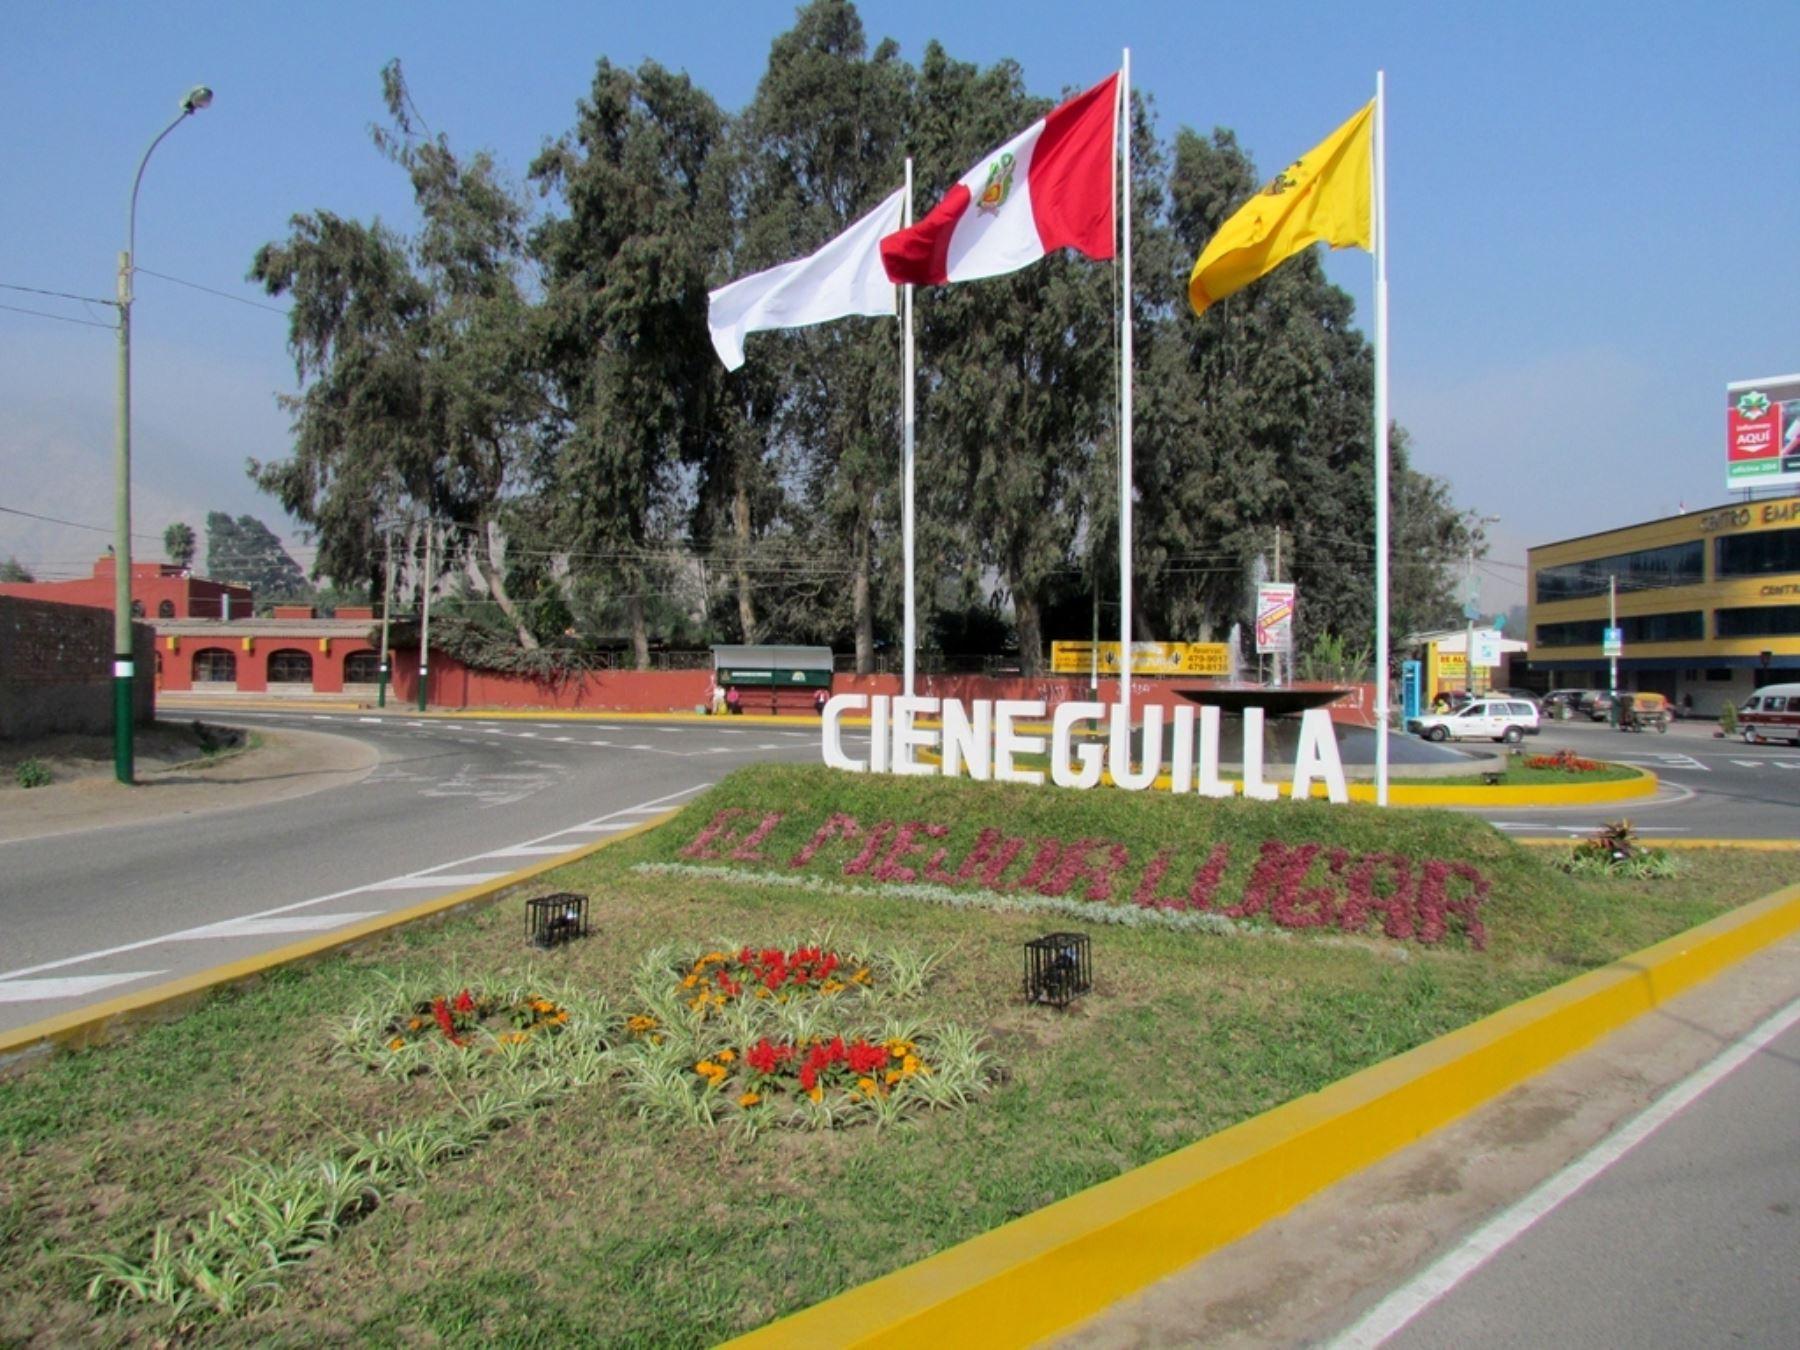 Cieneguilla espera miles de visitantes por Fiestas Patrias. Foto: Difusión